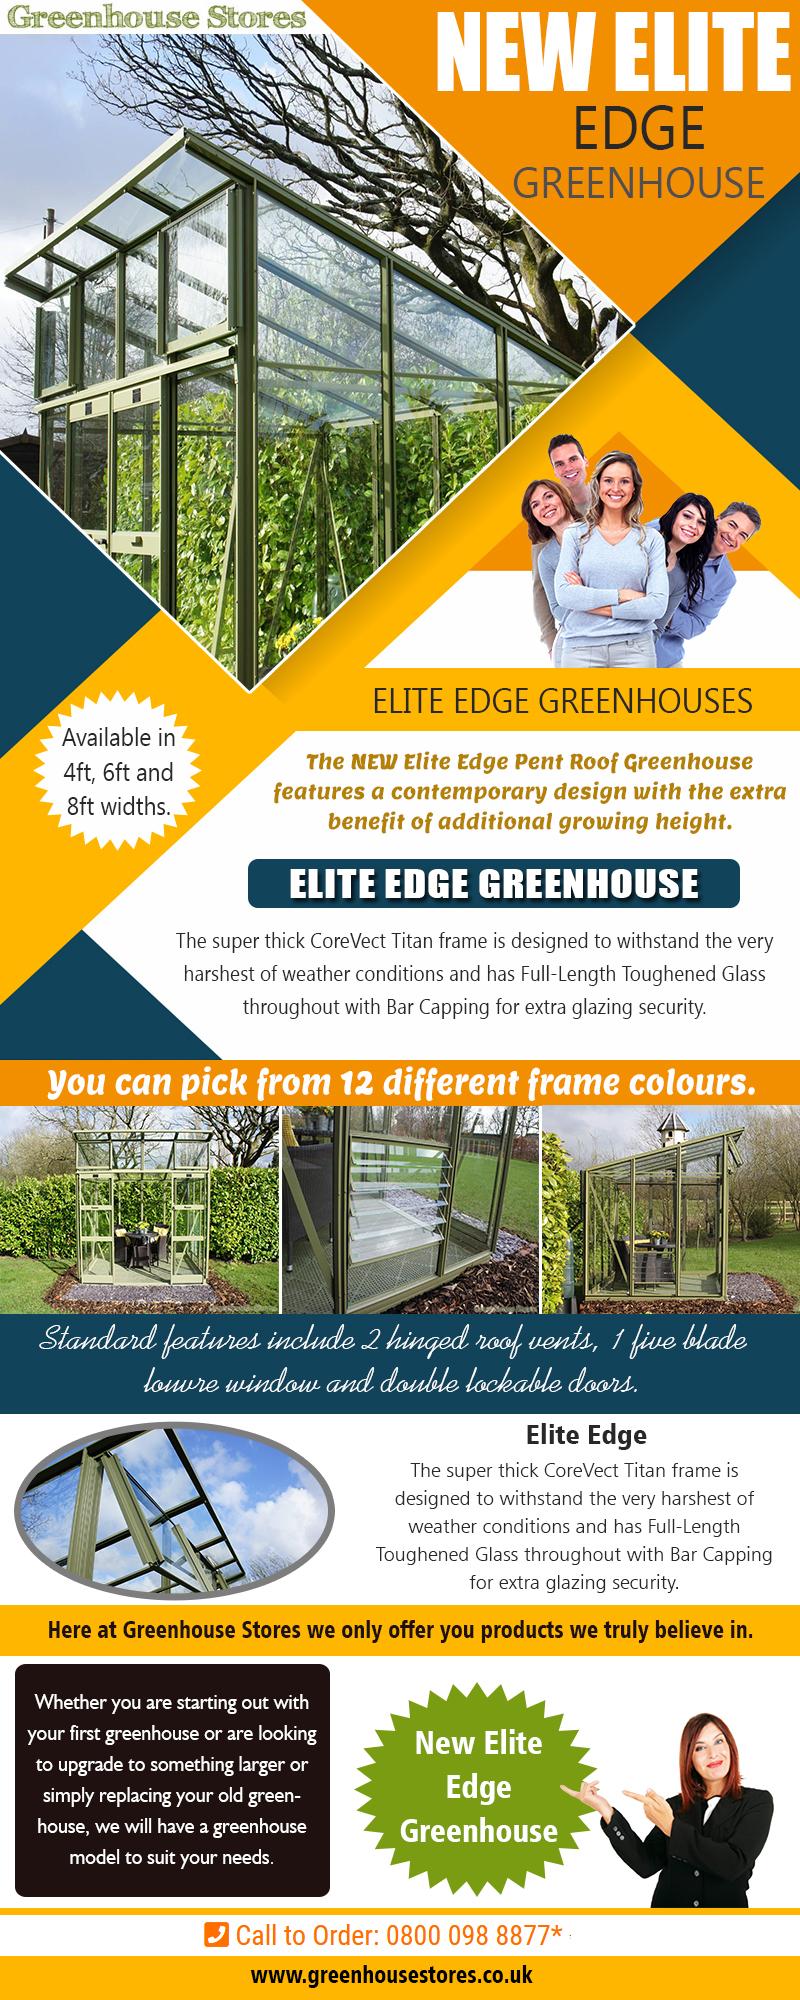 New Elite Edge Greenhouse